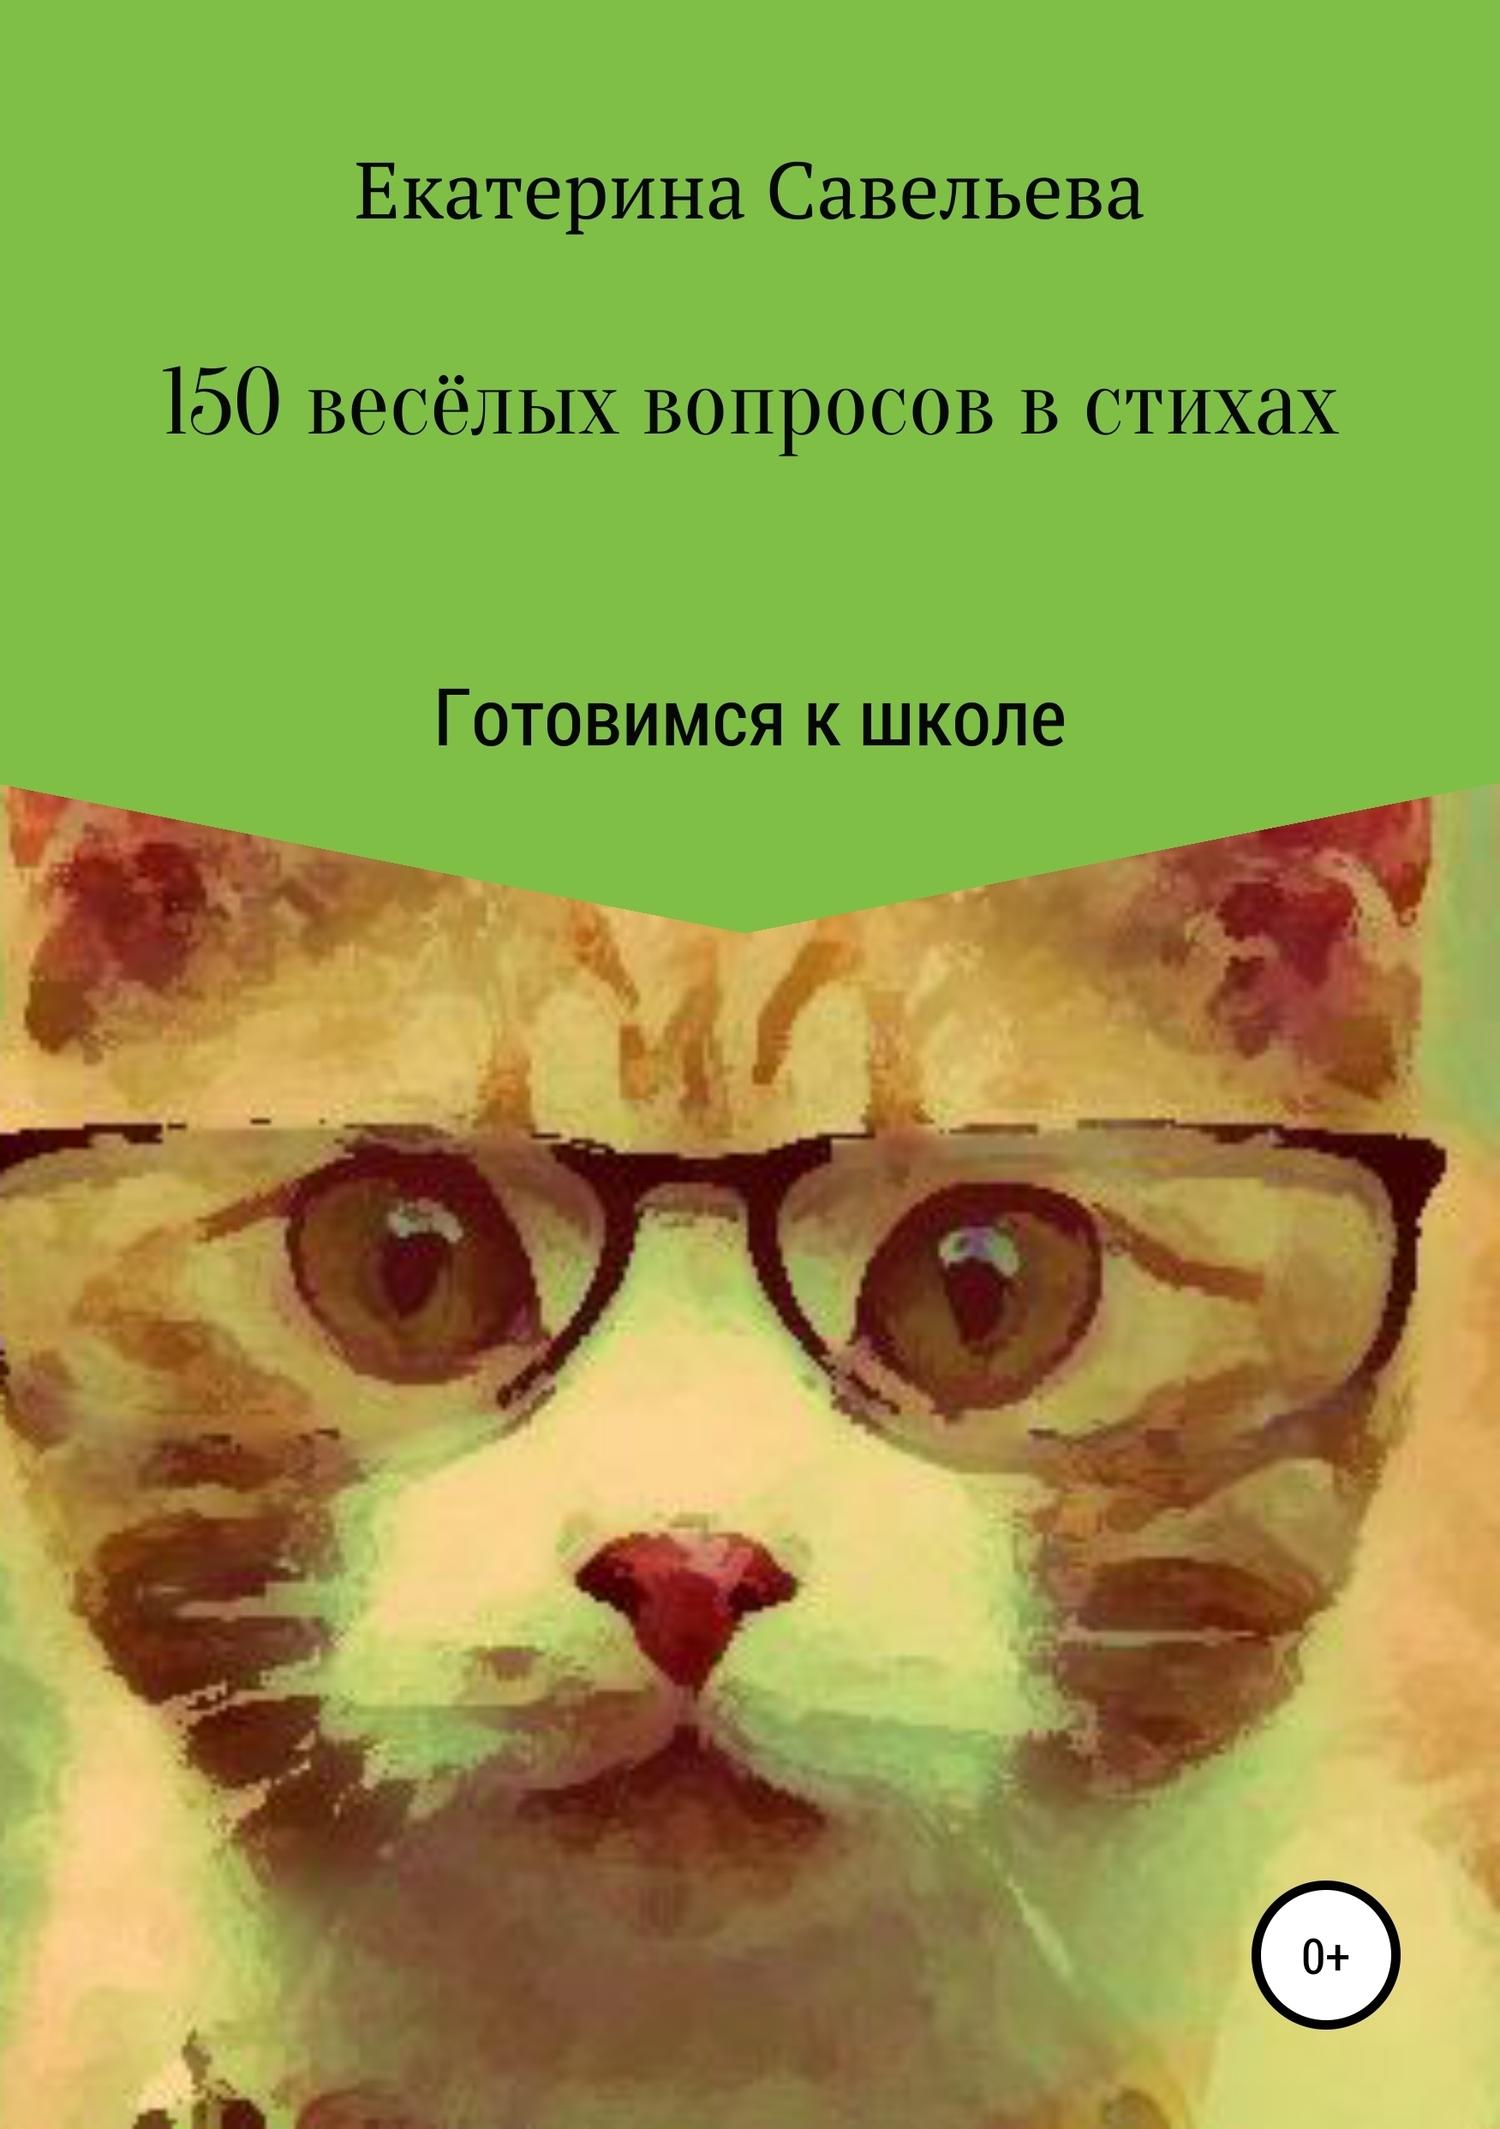 Екатерина Савельева - 150 весёлых вопросов в стихах. Готовимся к школе